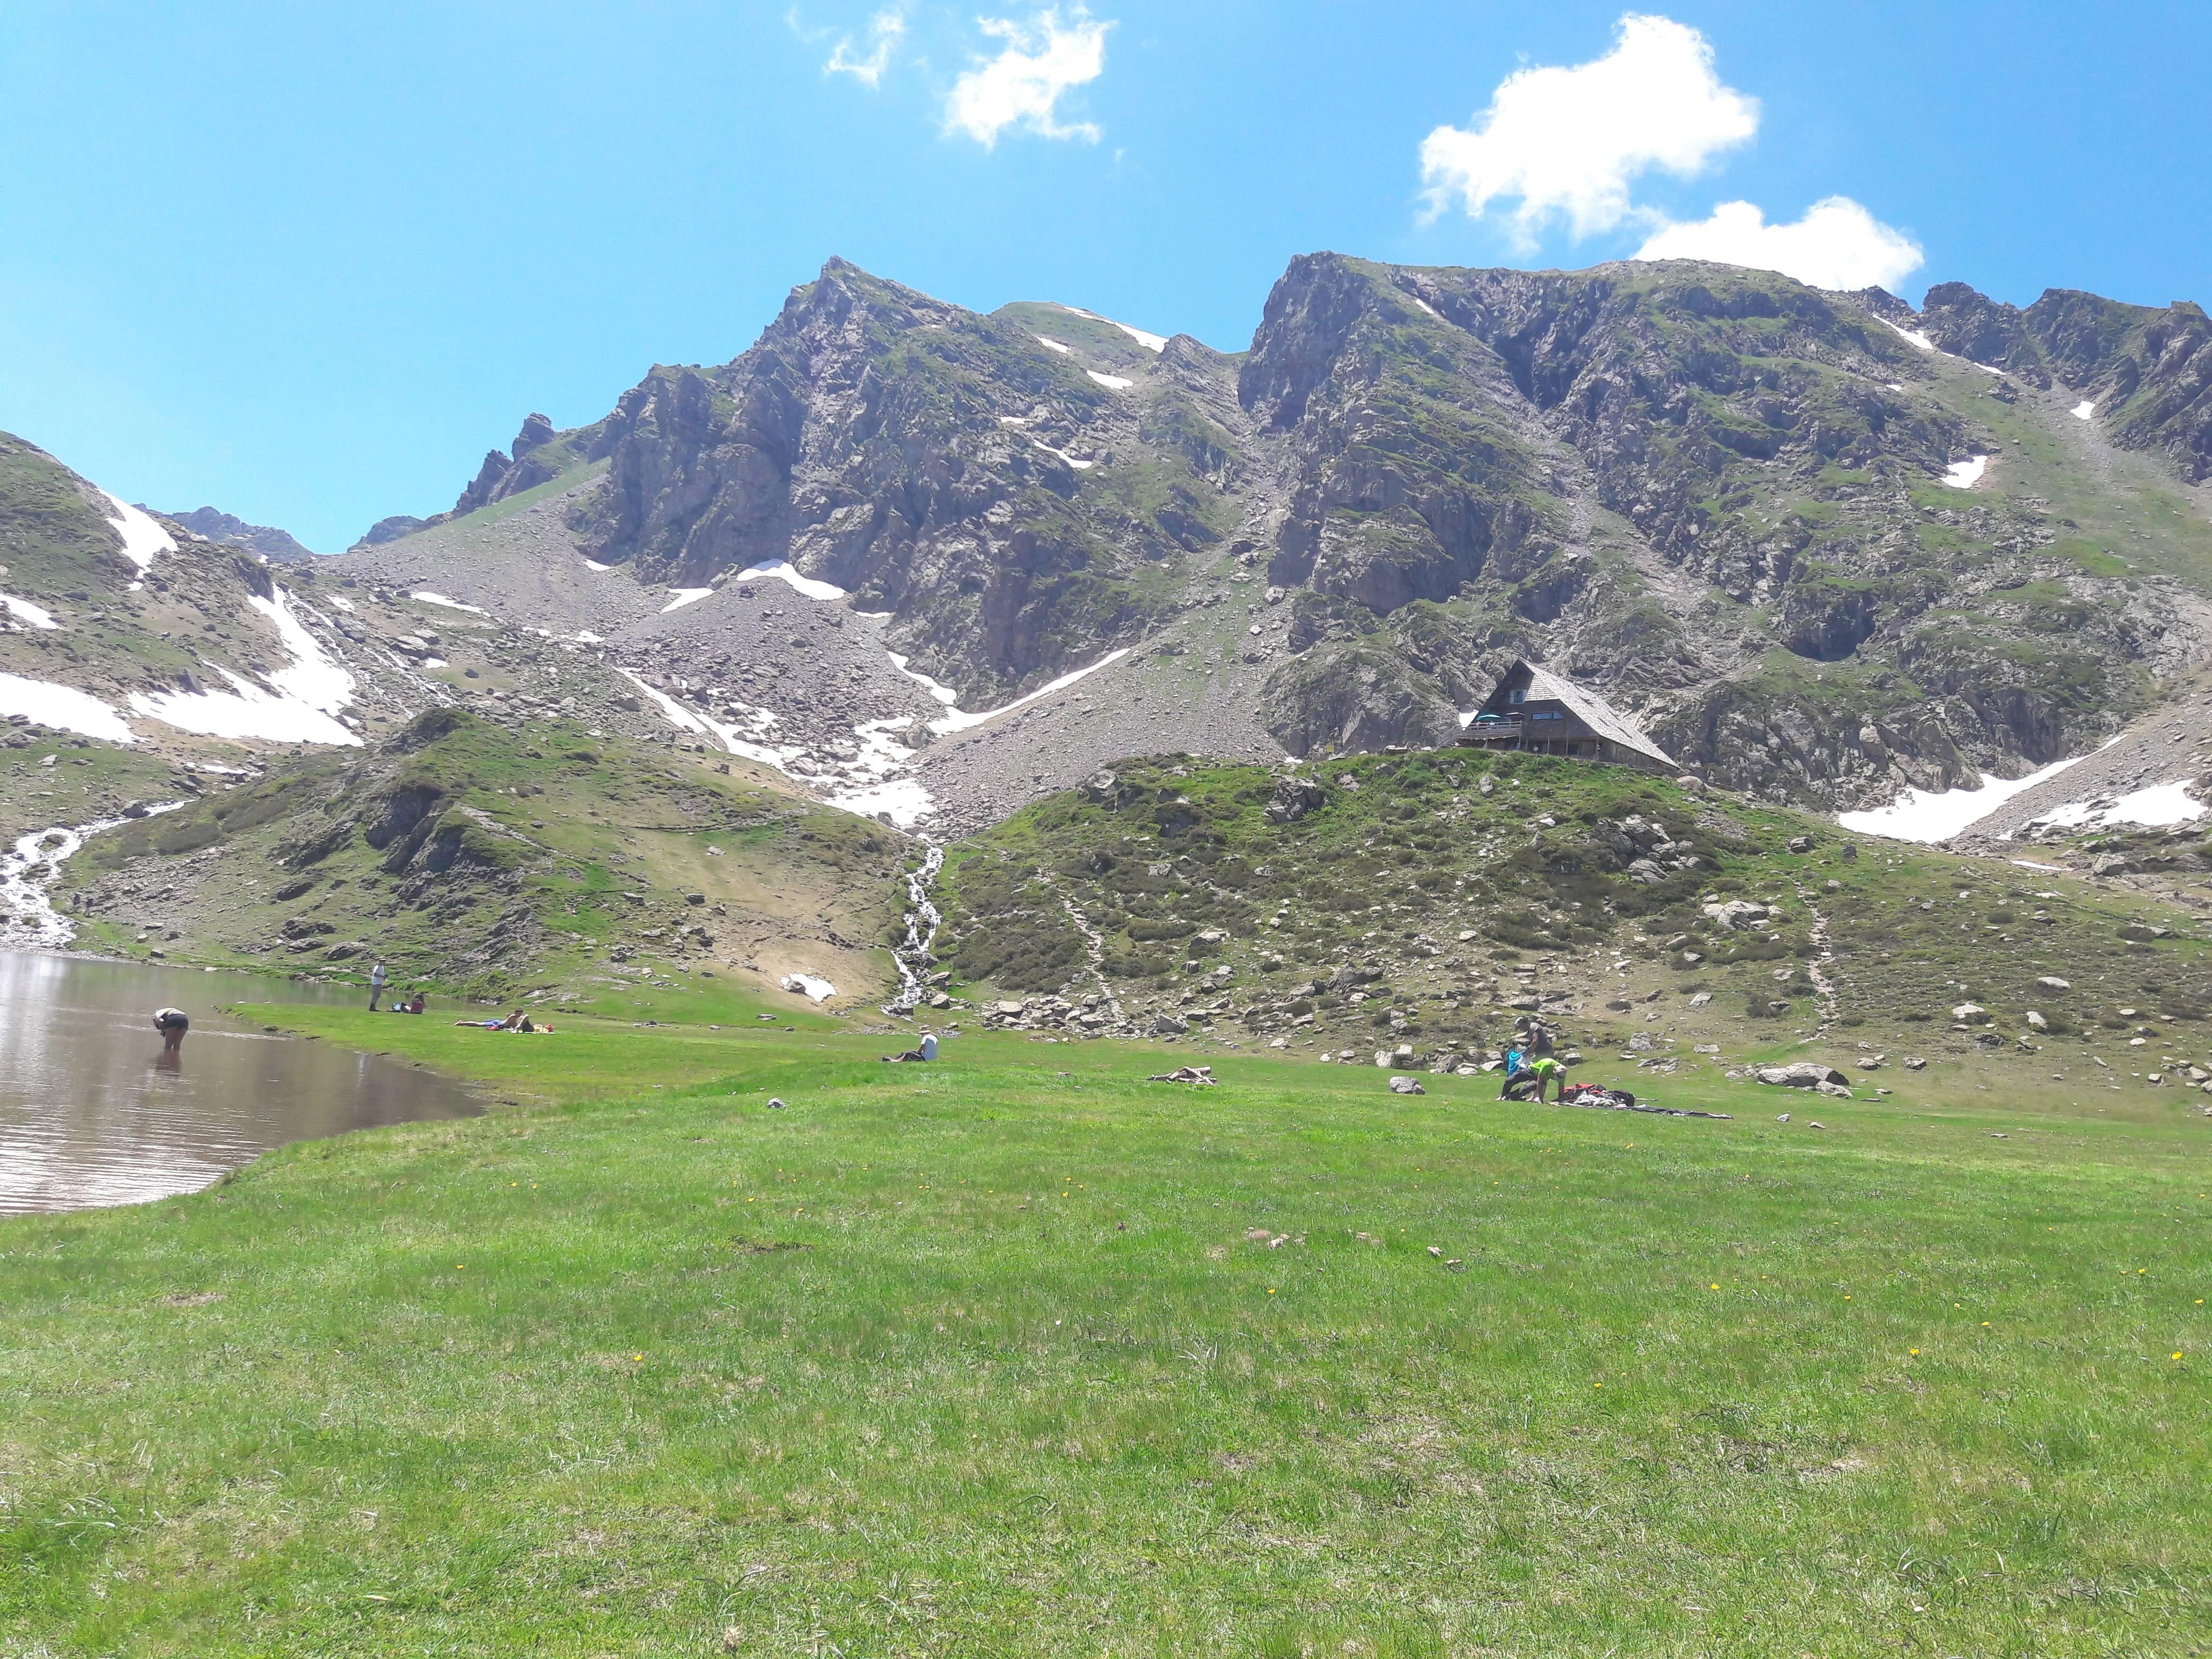 Photo 3: Tour des lacs d'Ayous, paysages incroyables !